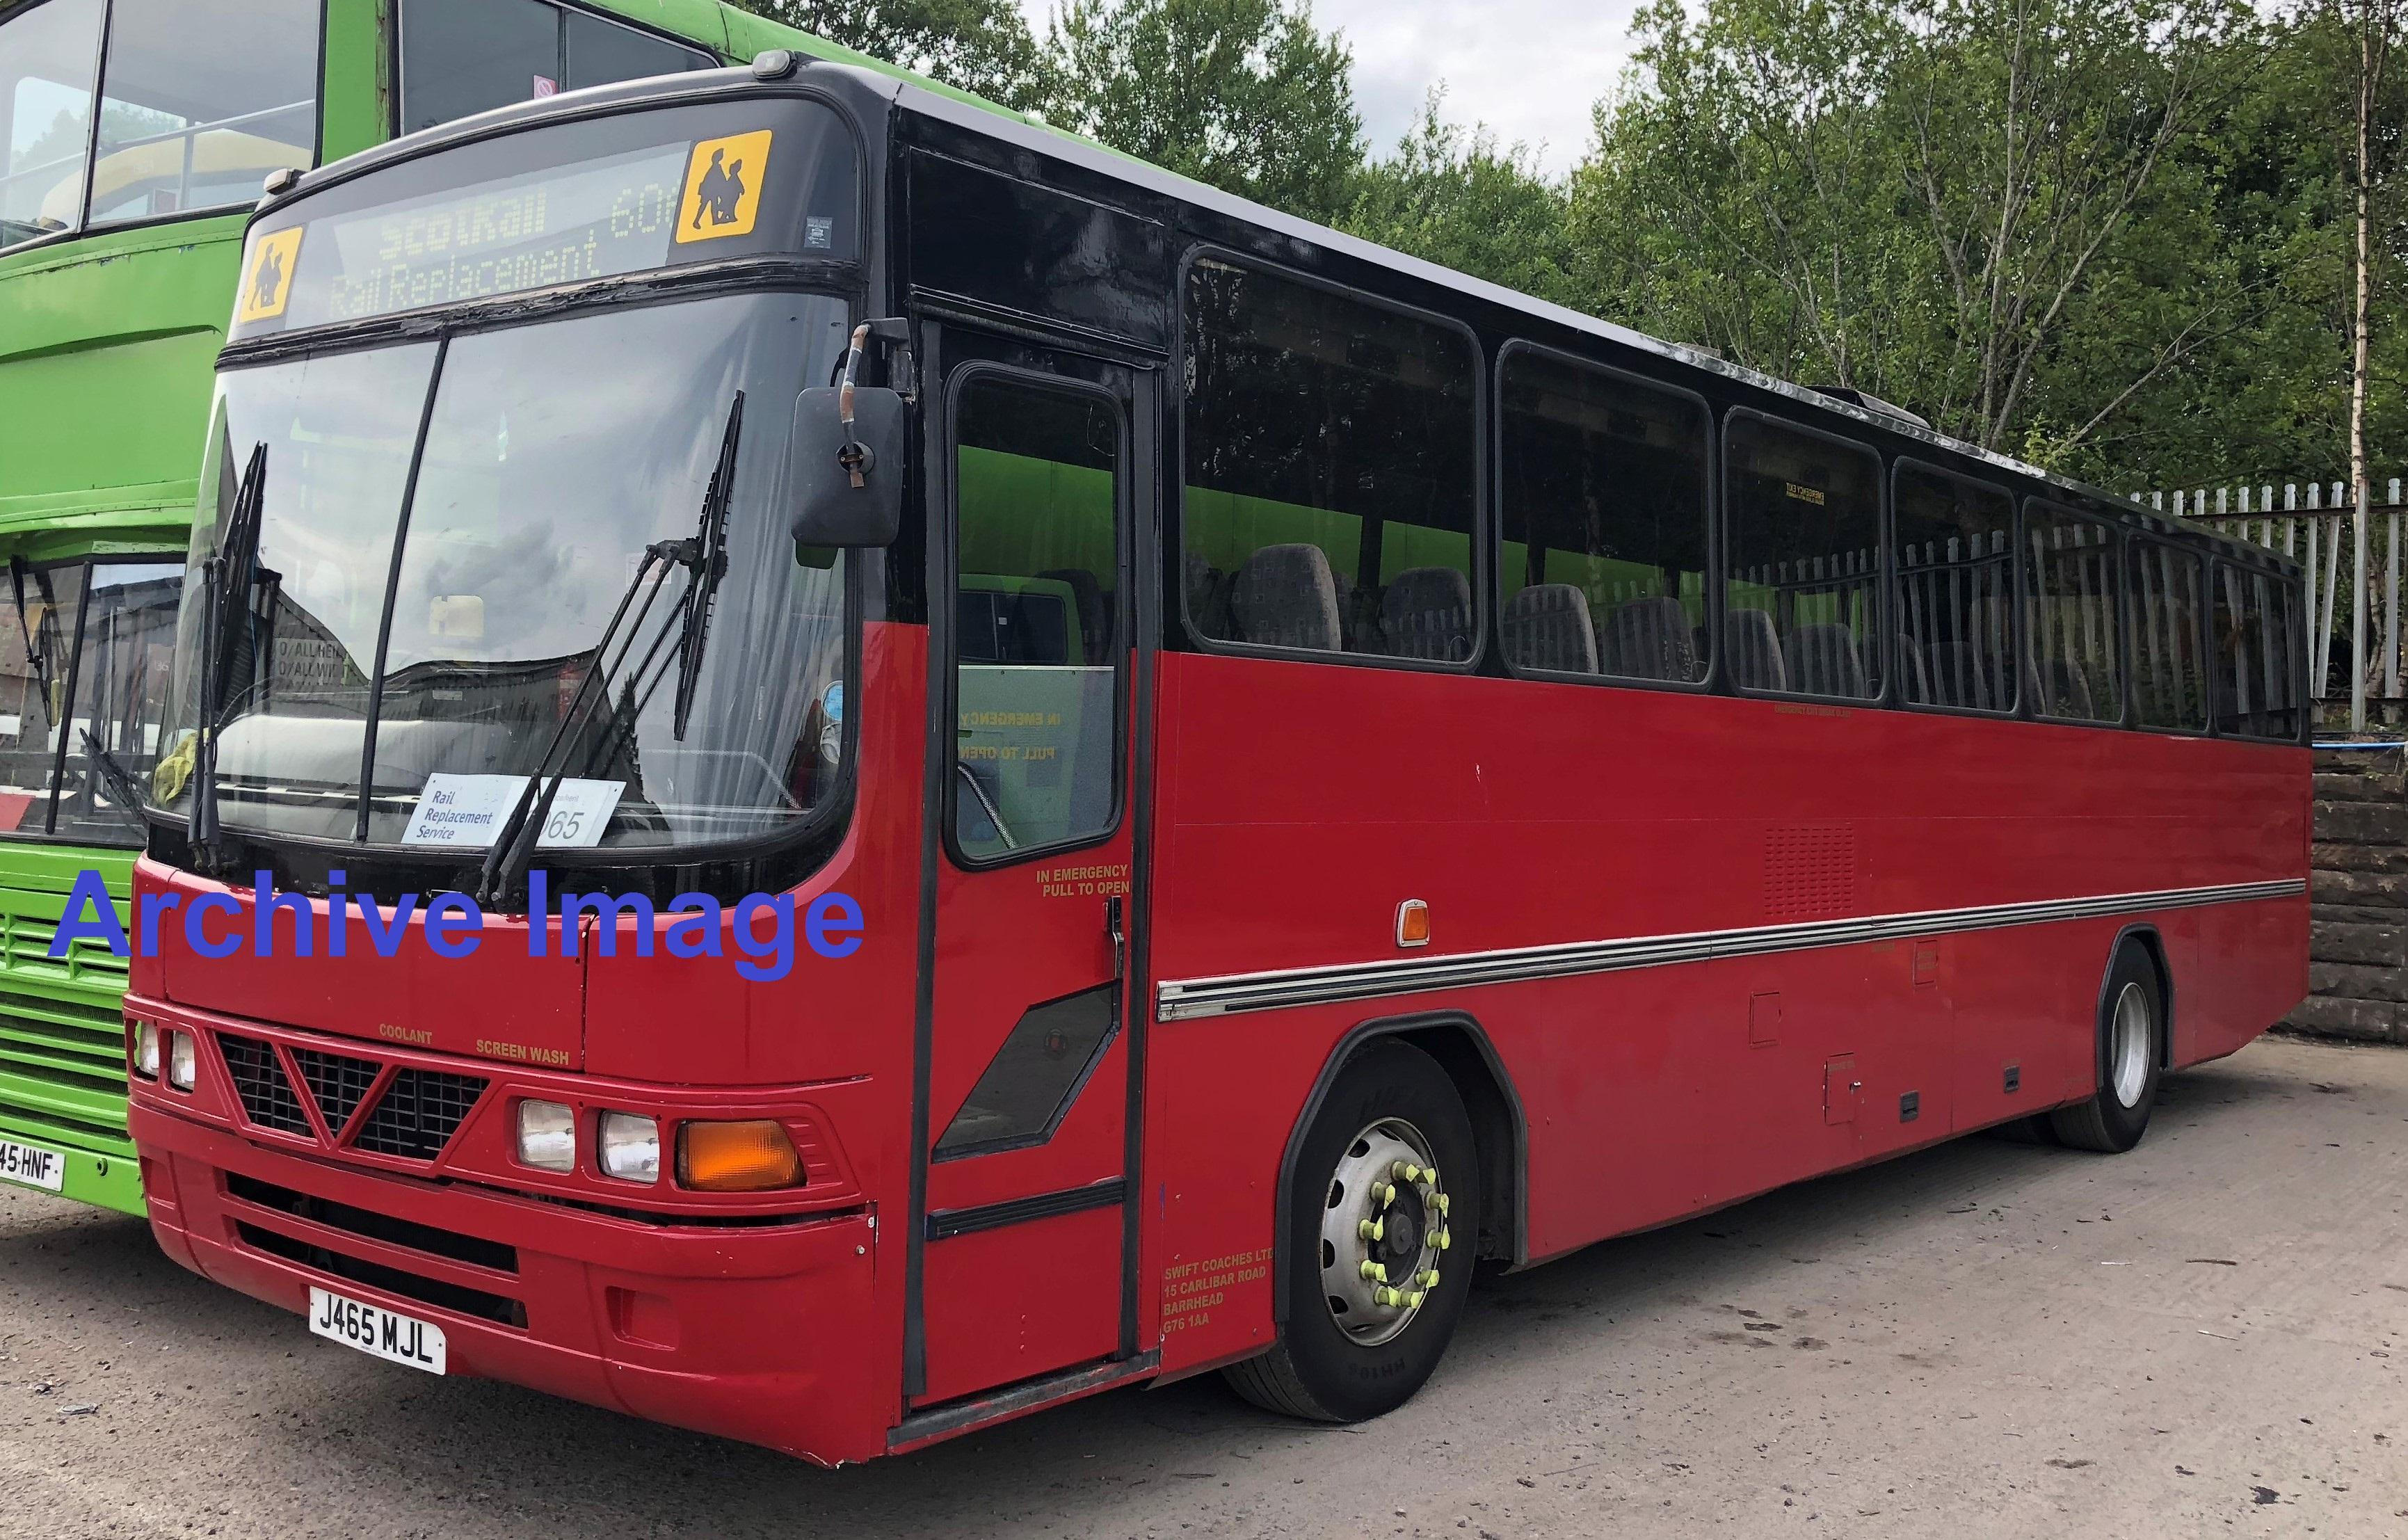 Leyland Tiger School Bus,Wright Endeavour Body, Registration: J465 MJL, Date of Registration- June - Image 5 of 5